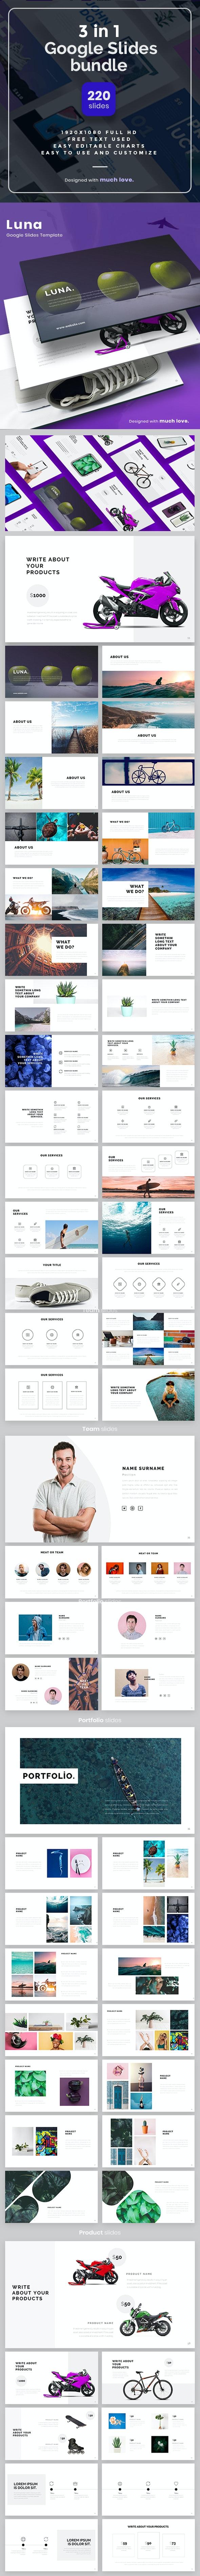 3 in1 Google Slide Bundle - Google Slides Presentation Templates